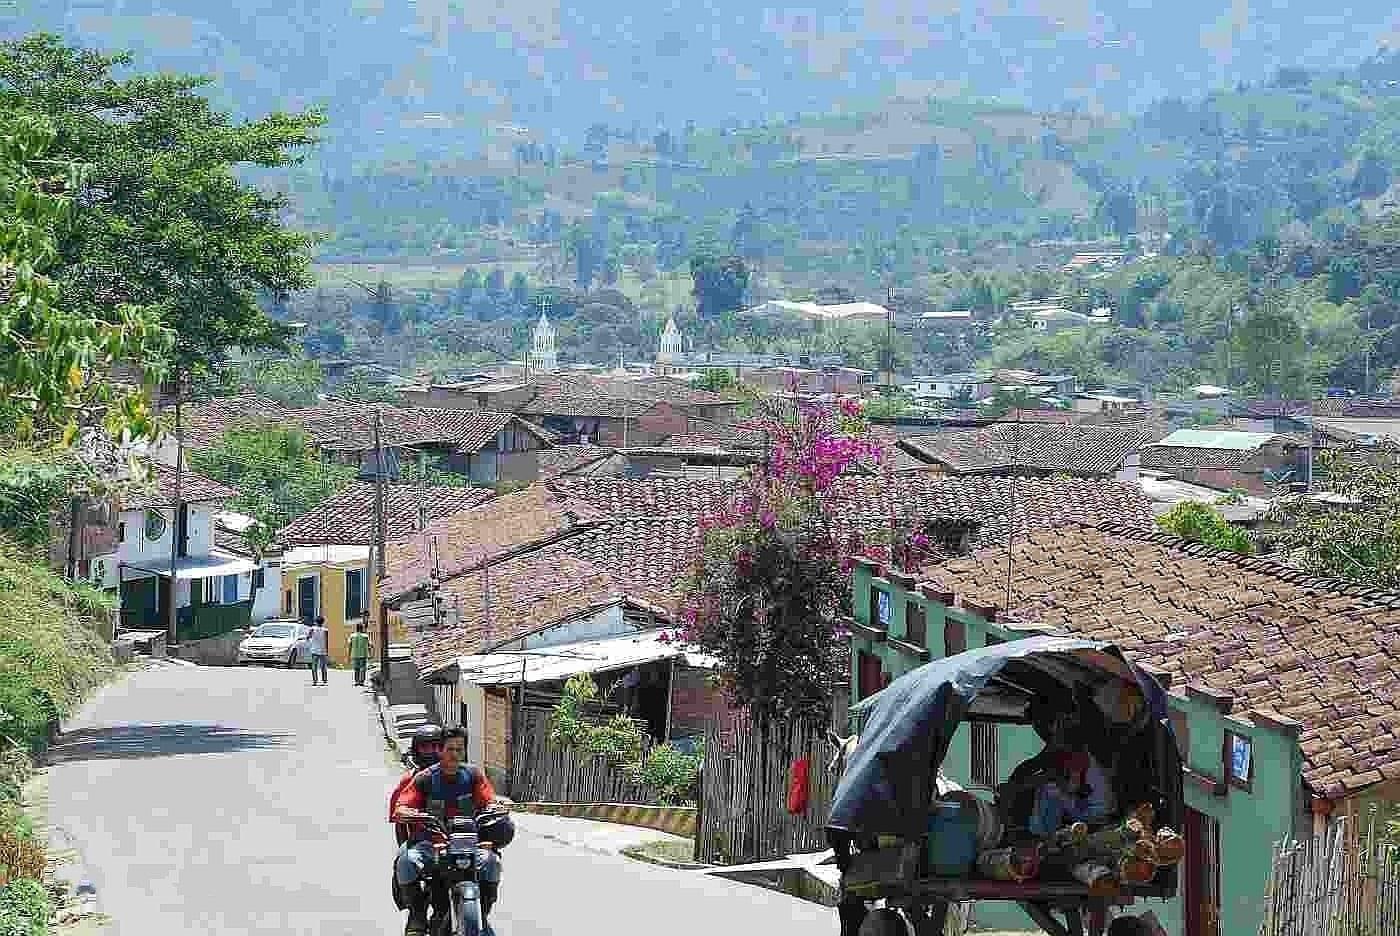 Vista del pueblo San Agustín (Huila) Colombia